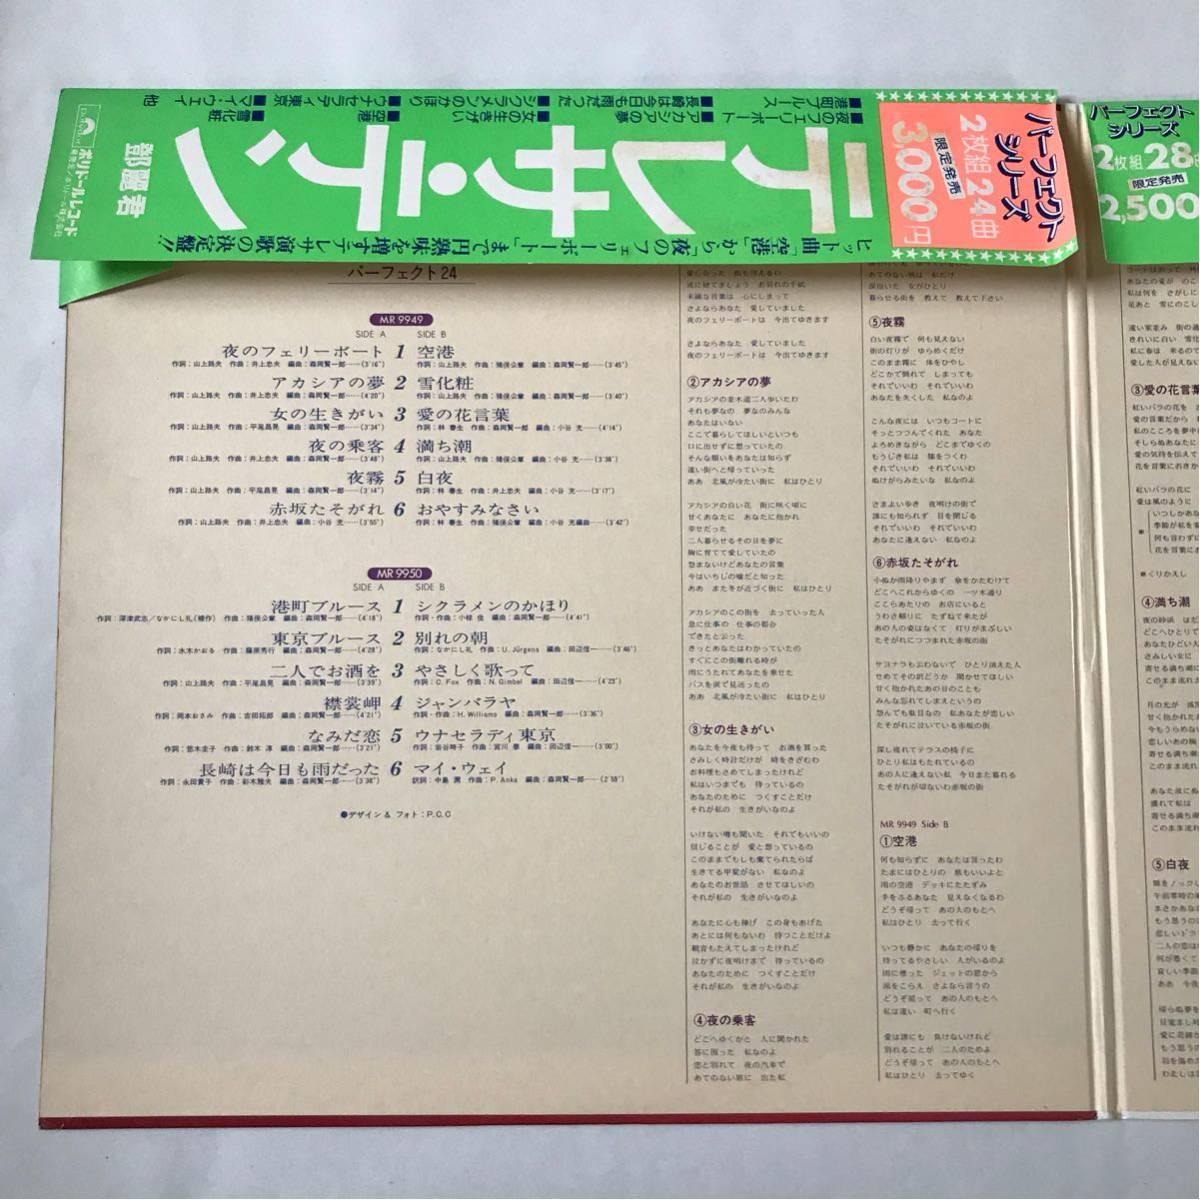 2×LP テレサ・テン(鄧麗君)/パーフェクト24/MR9949/50_画像3